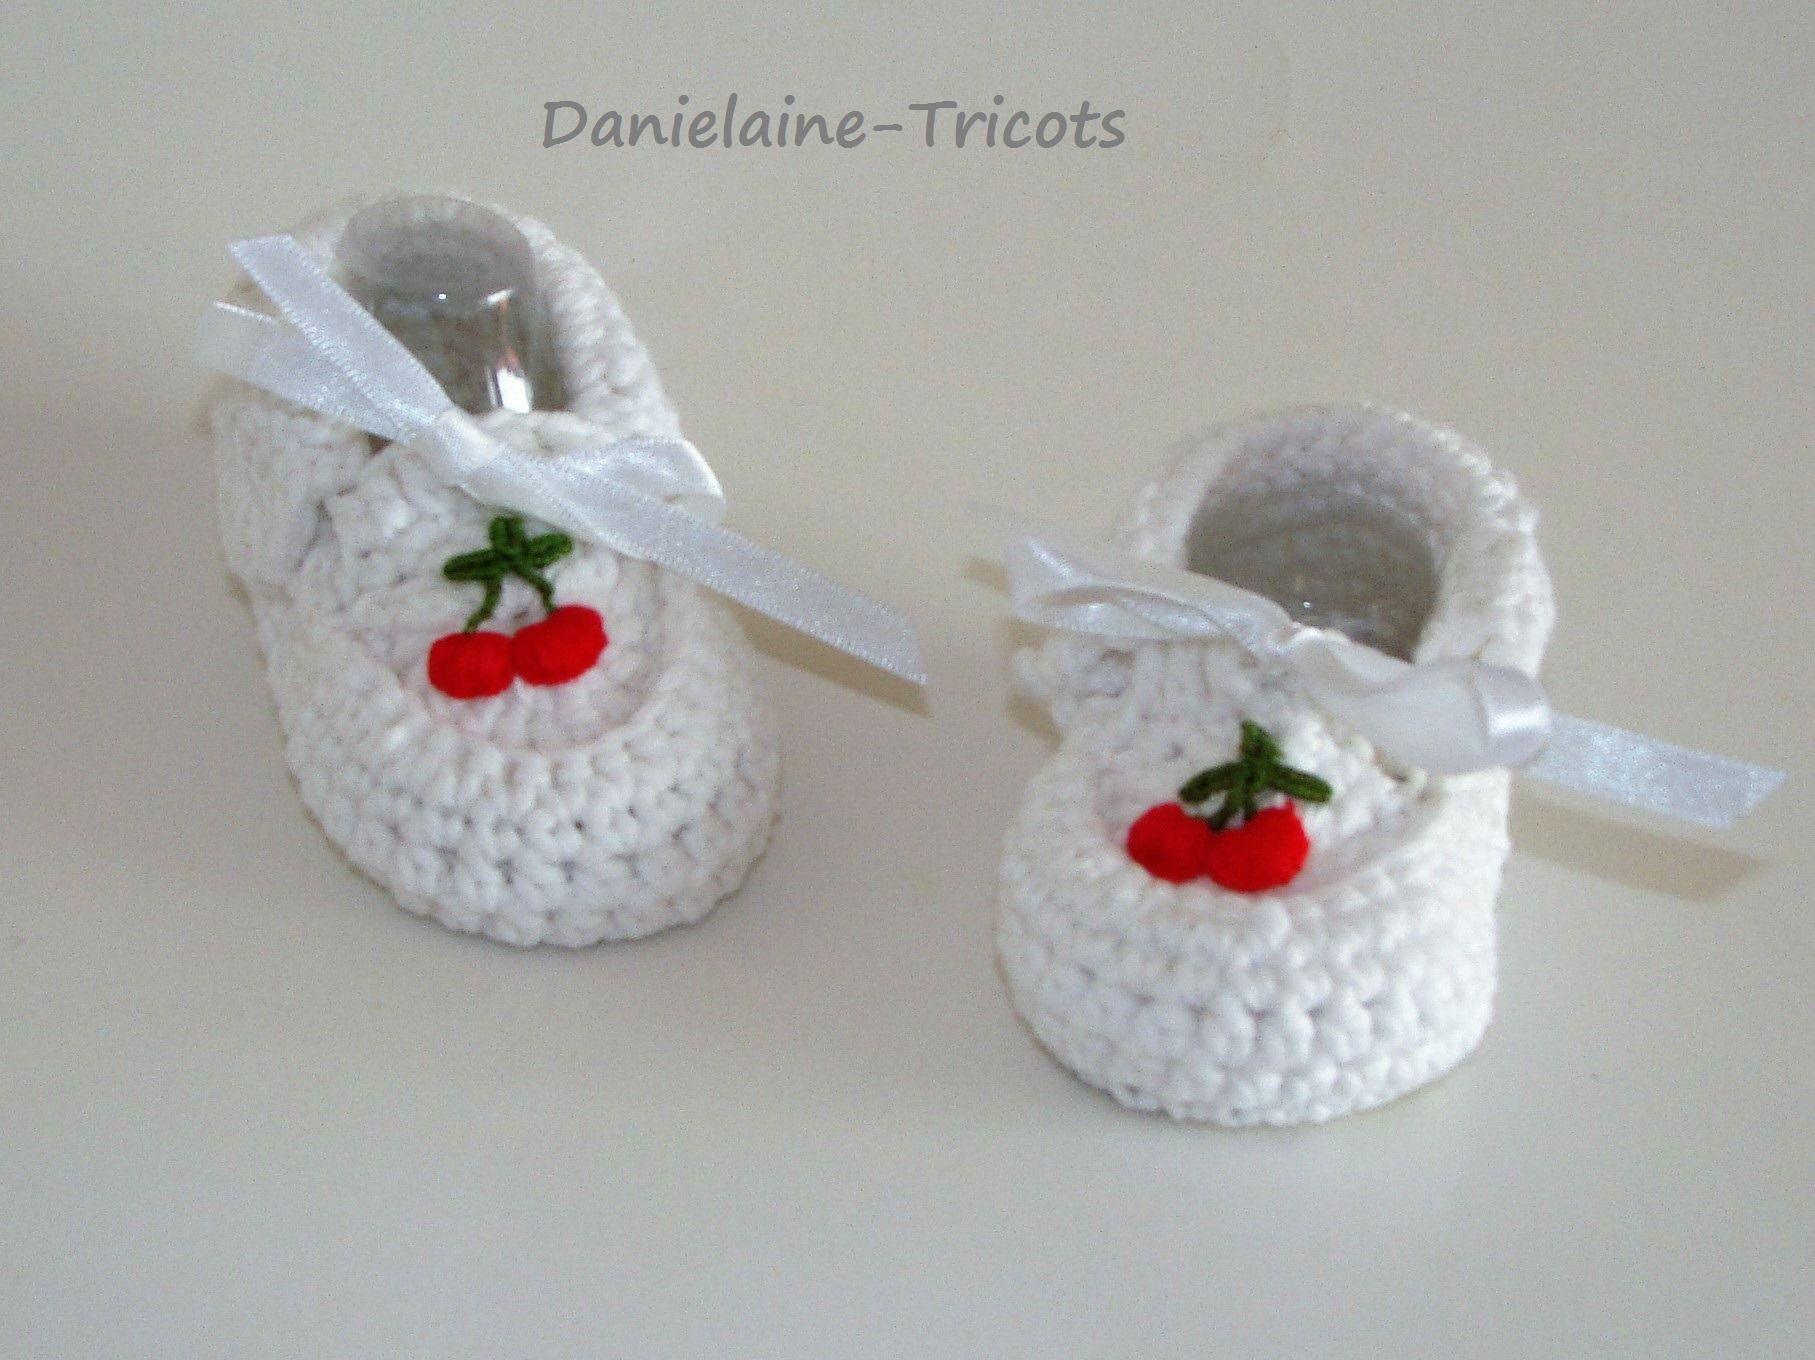 Chaussons mocassin crocheté en coton blanc pour bébé 0 à 3 mois, @Danielaine : Mode Bébé par danielainetricots